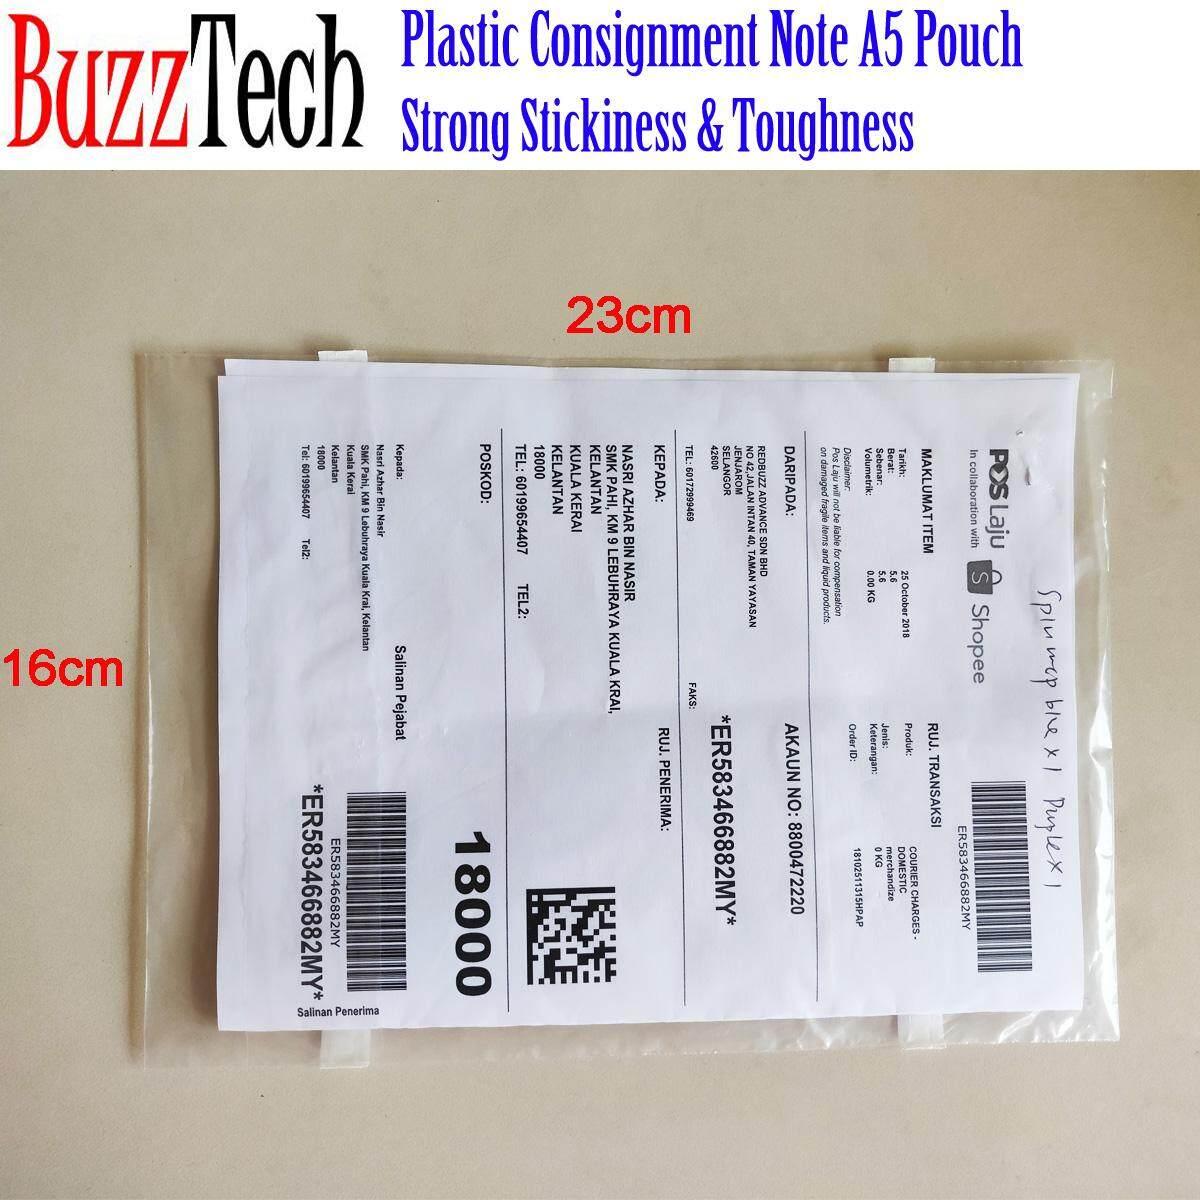 BuzzTech 100/500/1000pcs Plastic Courier Consignment Note Document A5 Pouch